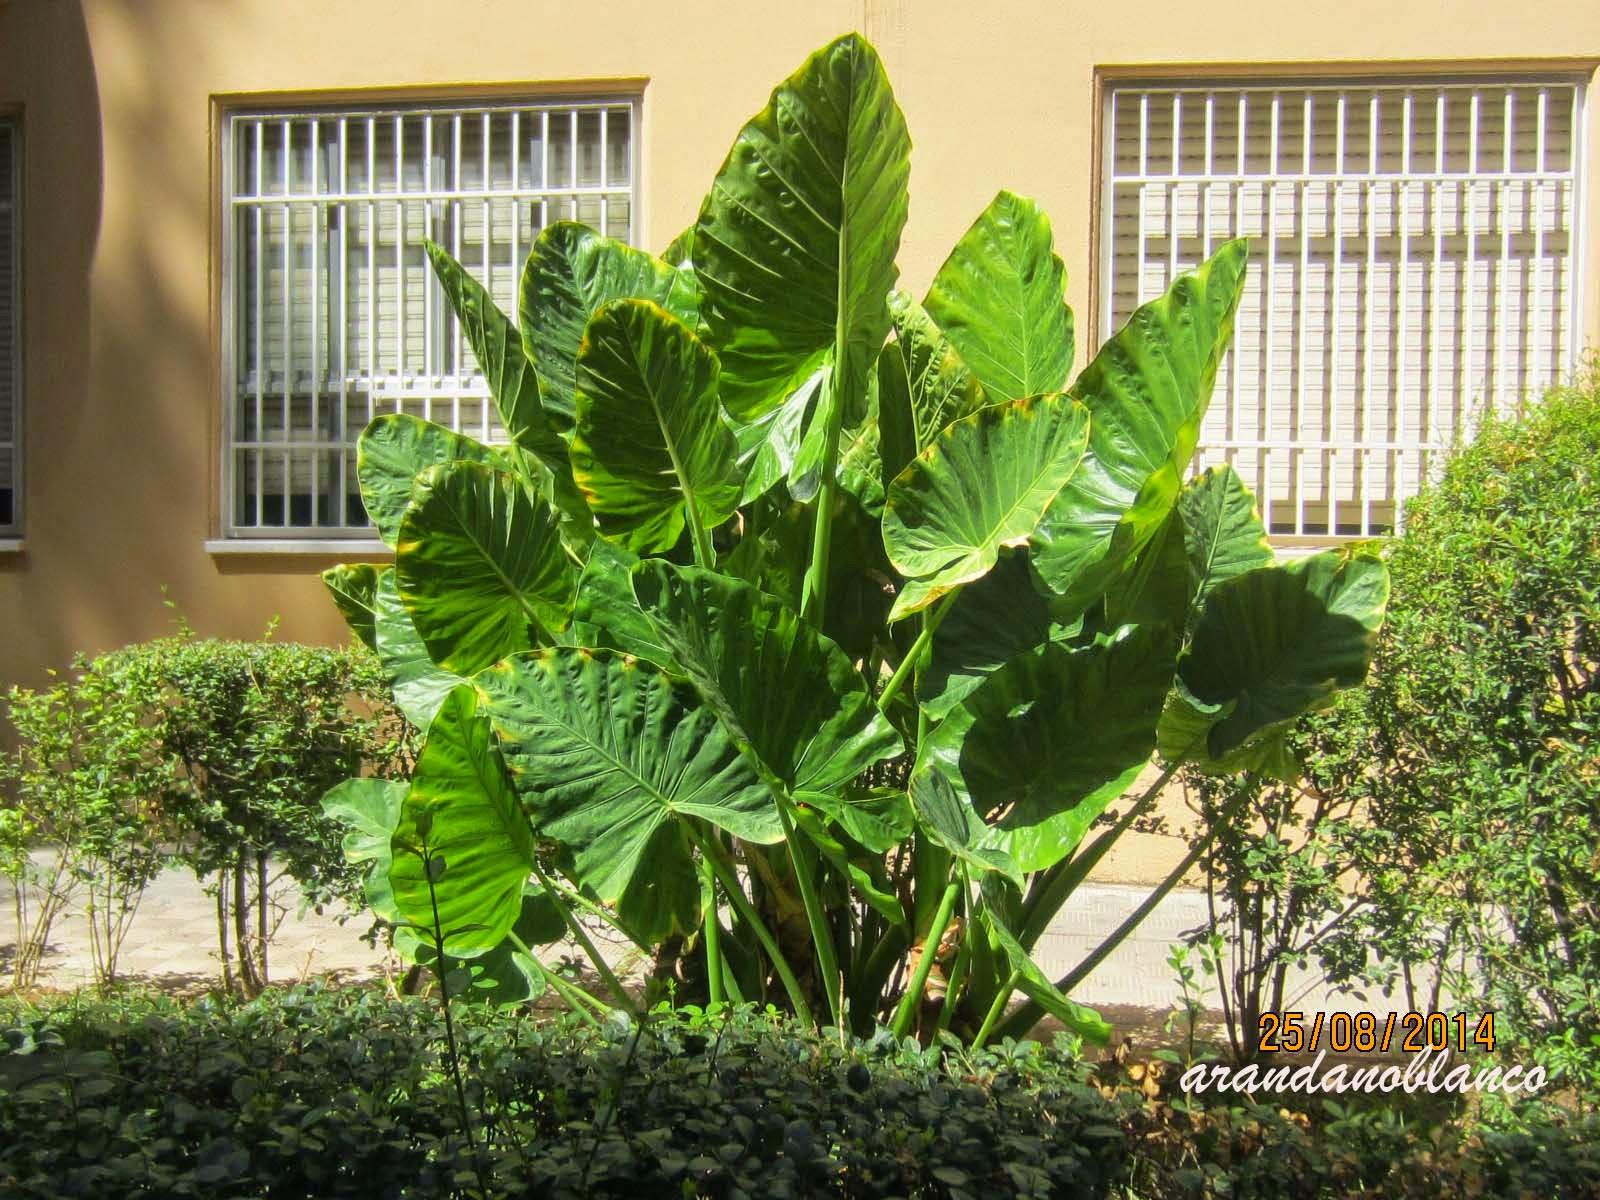 Arbustosensevilla encinarosa oreja de elefante 2 for Planta ornamental oreja de elefante